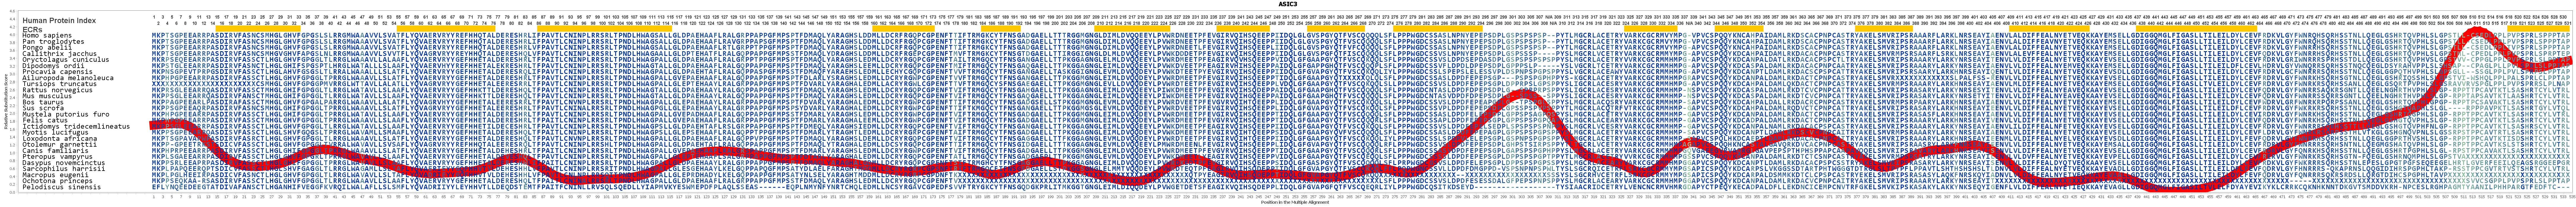 ASIC3 Gene - GeneCards | ASIC3 Protein | ASIC3 Antibody